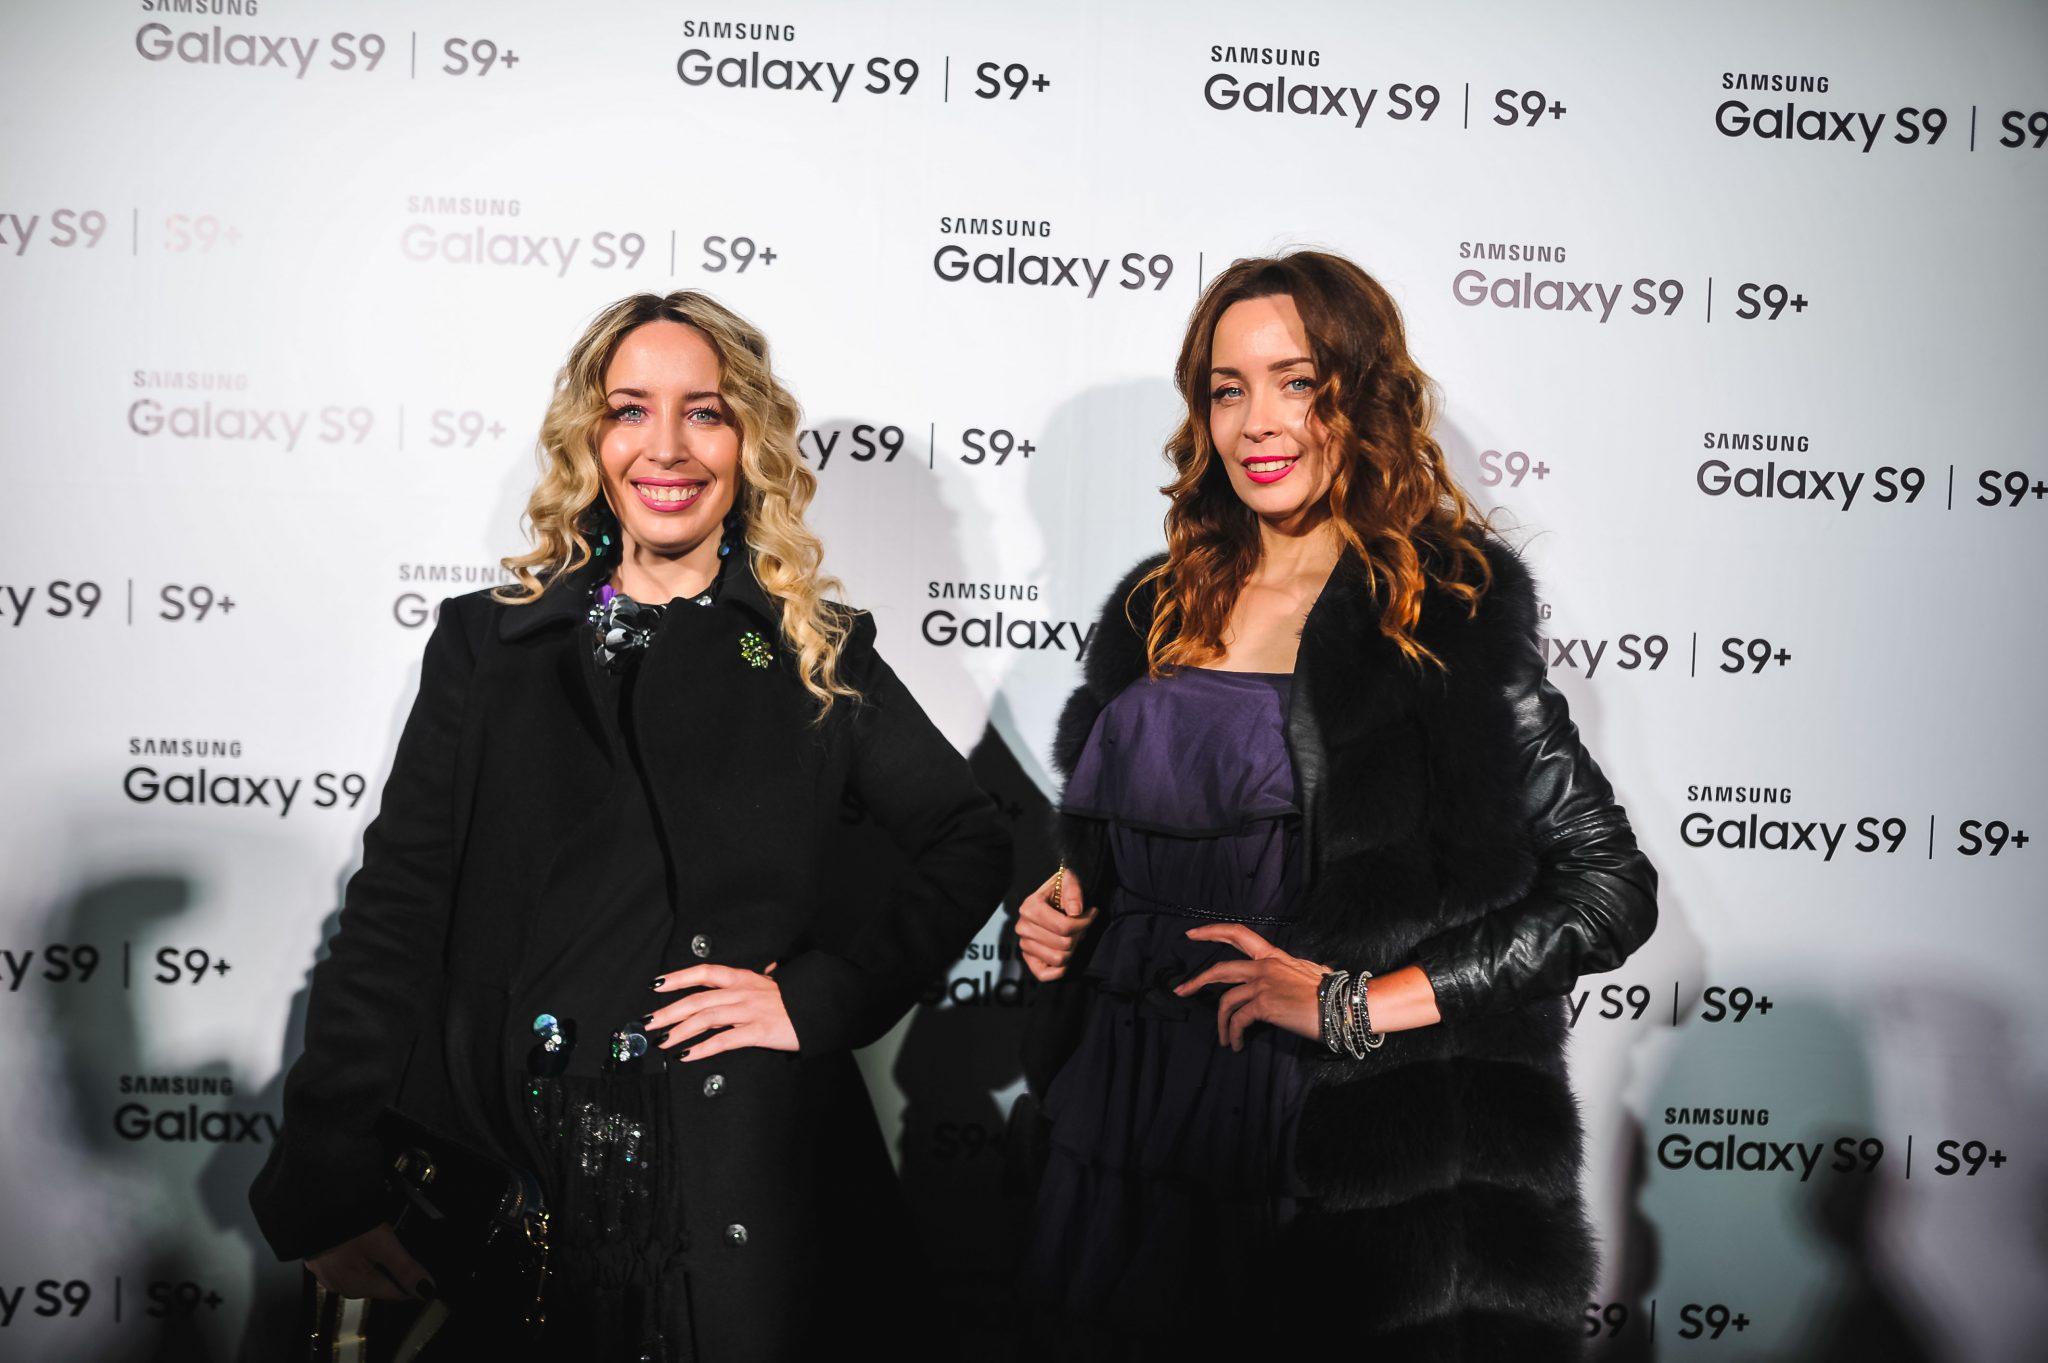 Morana Saračević, Miran Kurspahić i Martina Čičko Karapetrić prvi otkrili novi Samsung Galaxy S9 i S9+